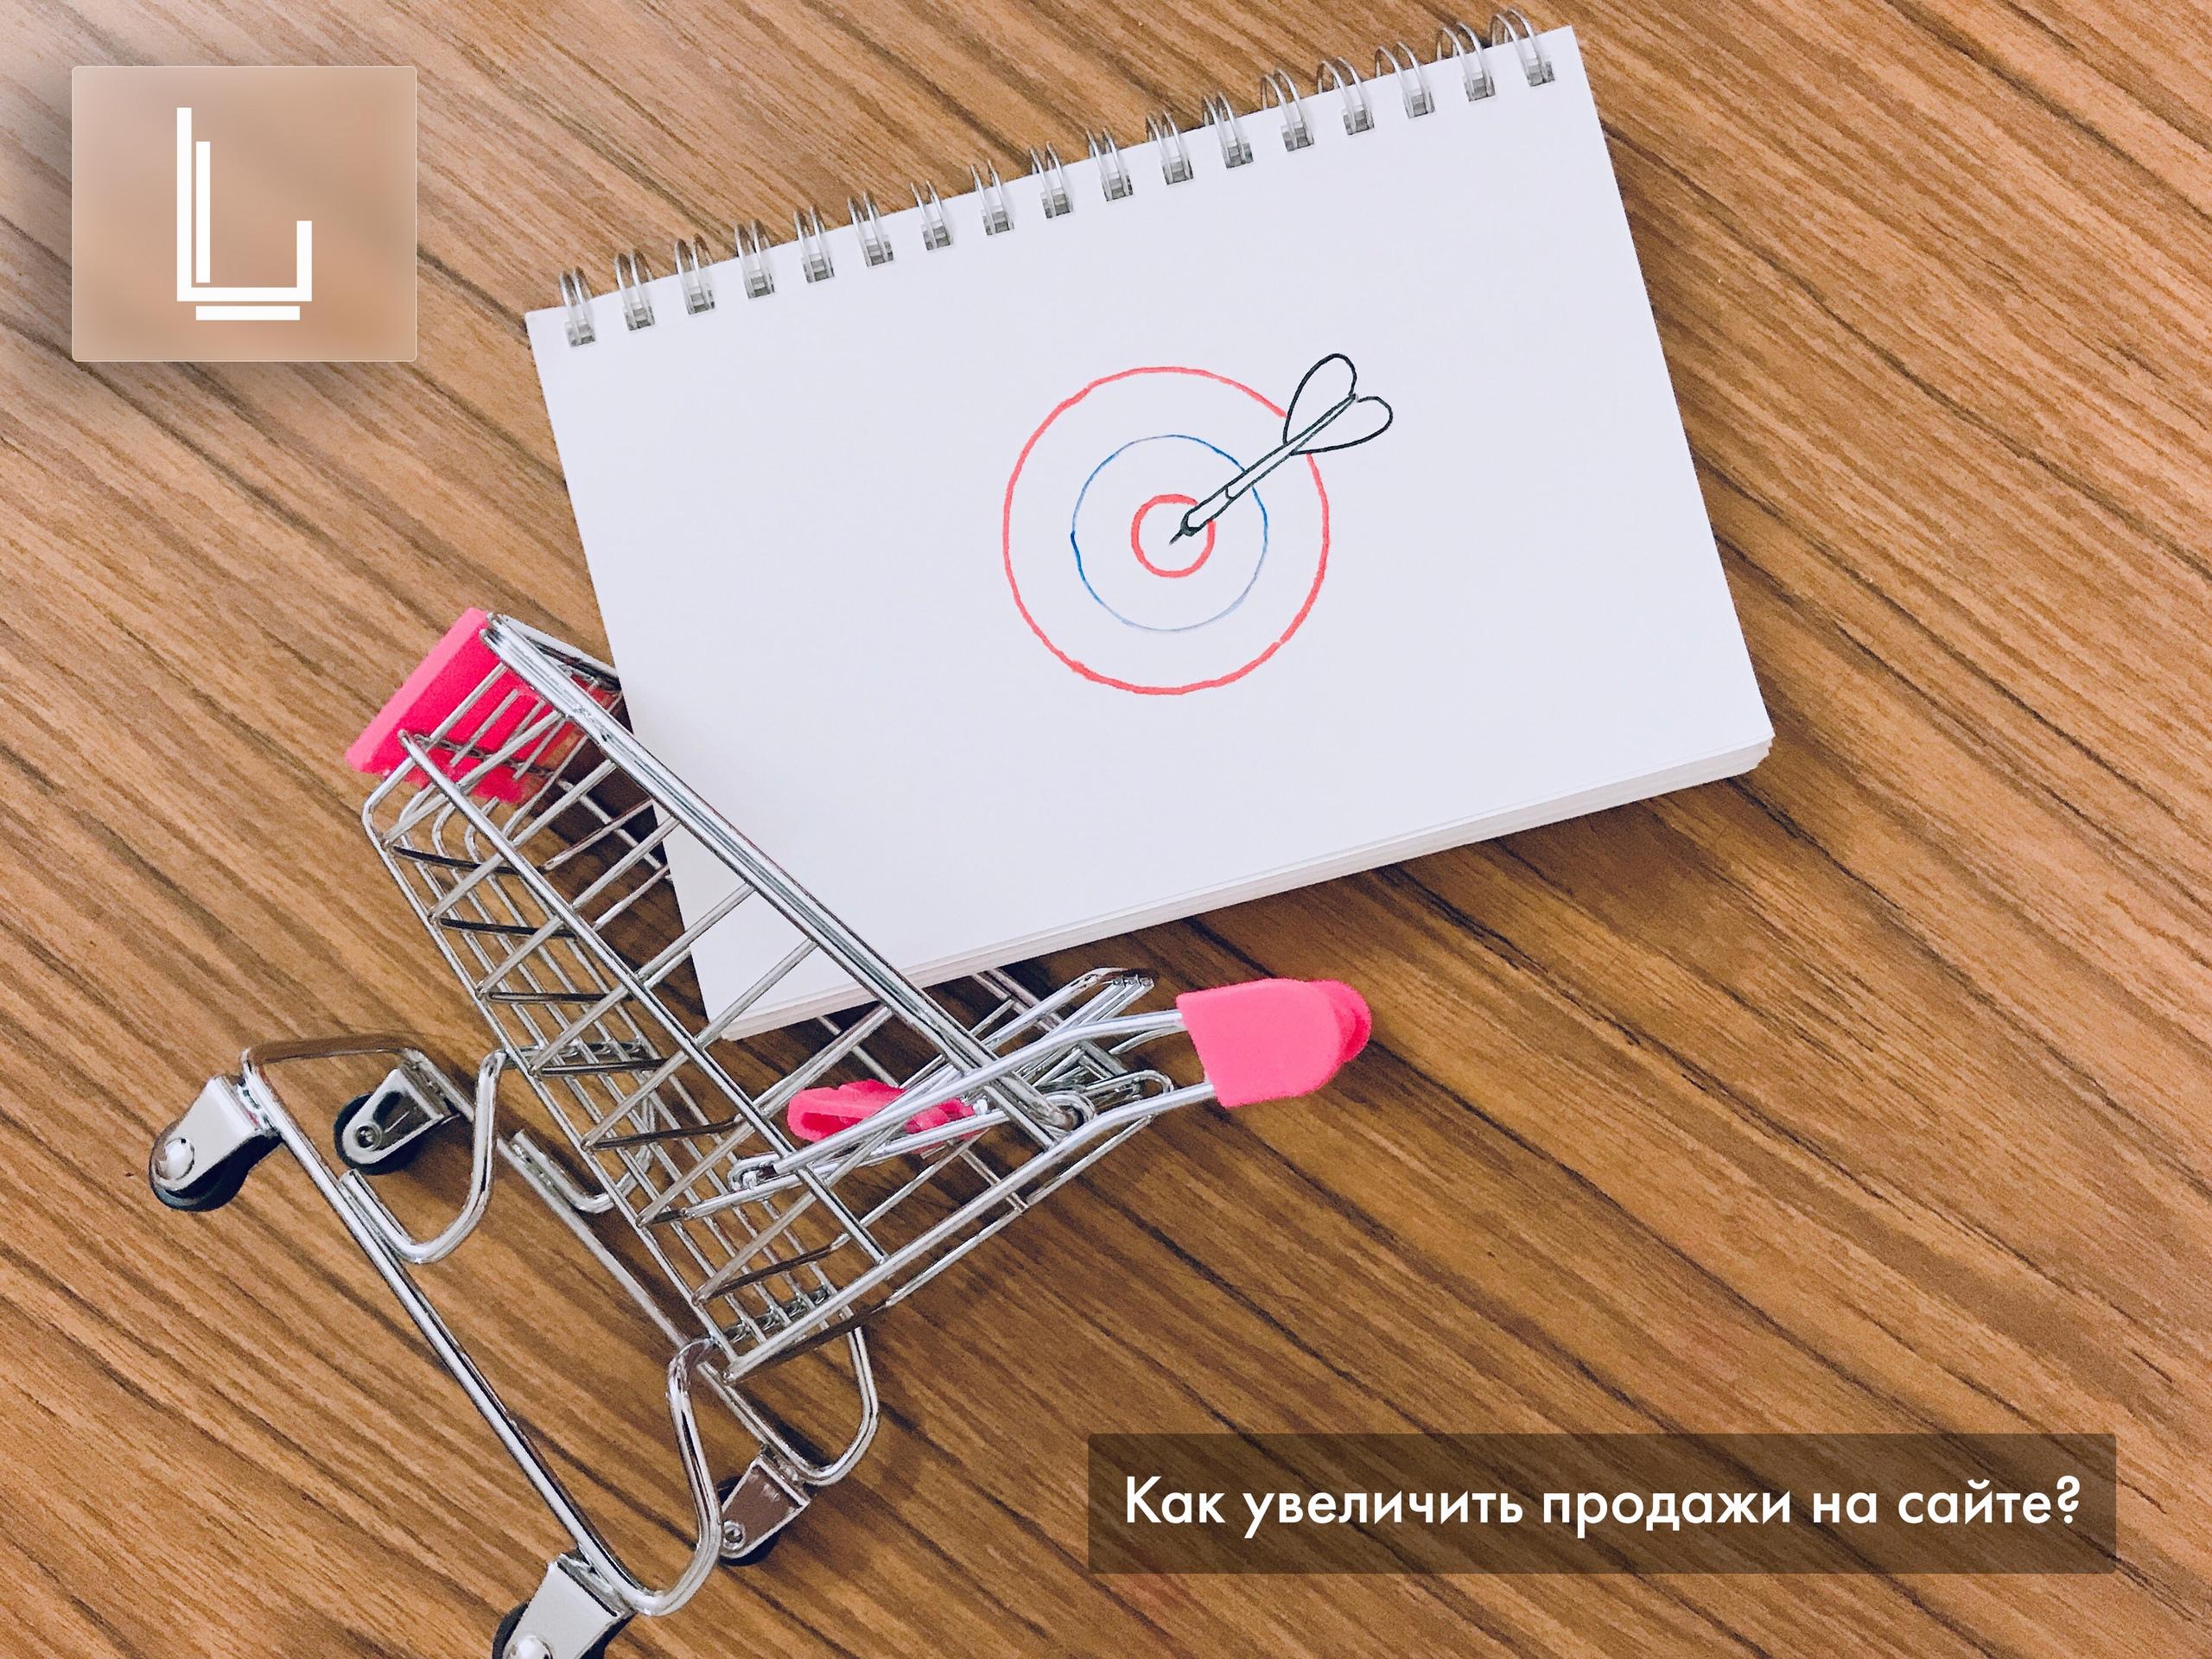 Как увеличить продажи на сайте